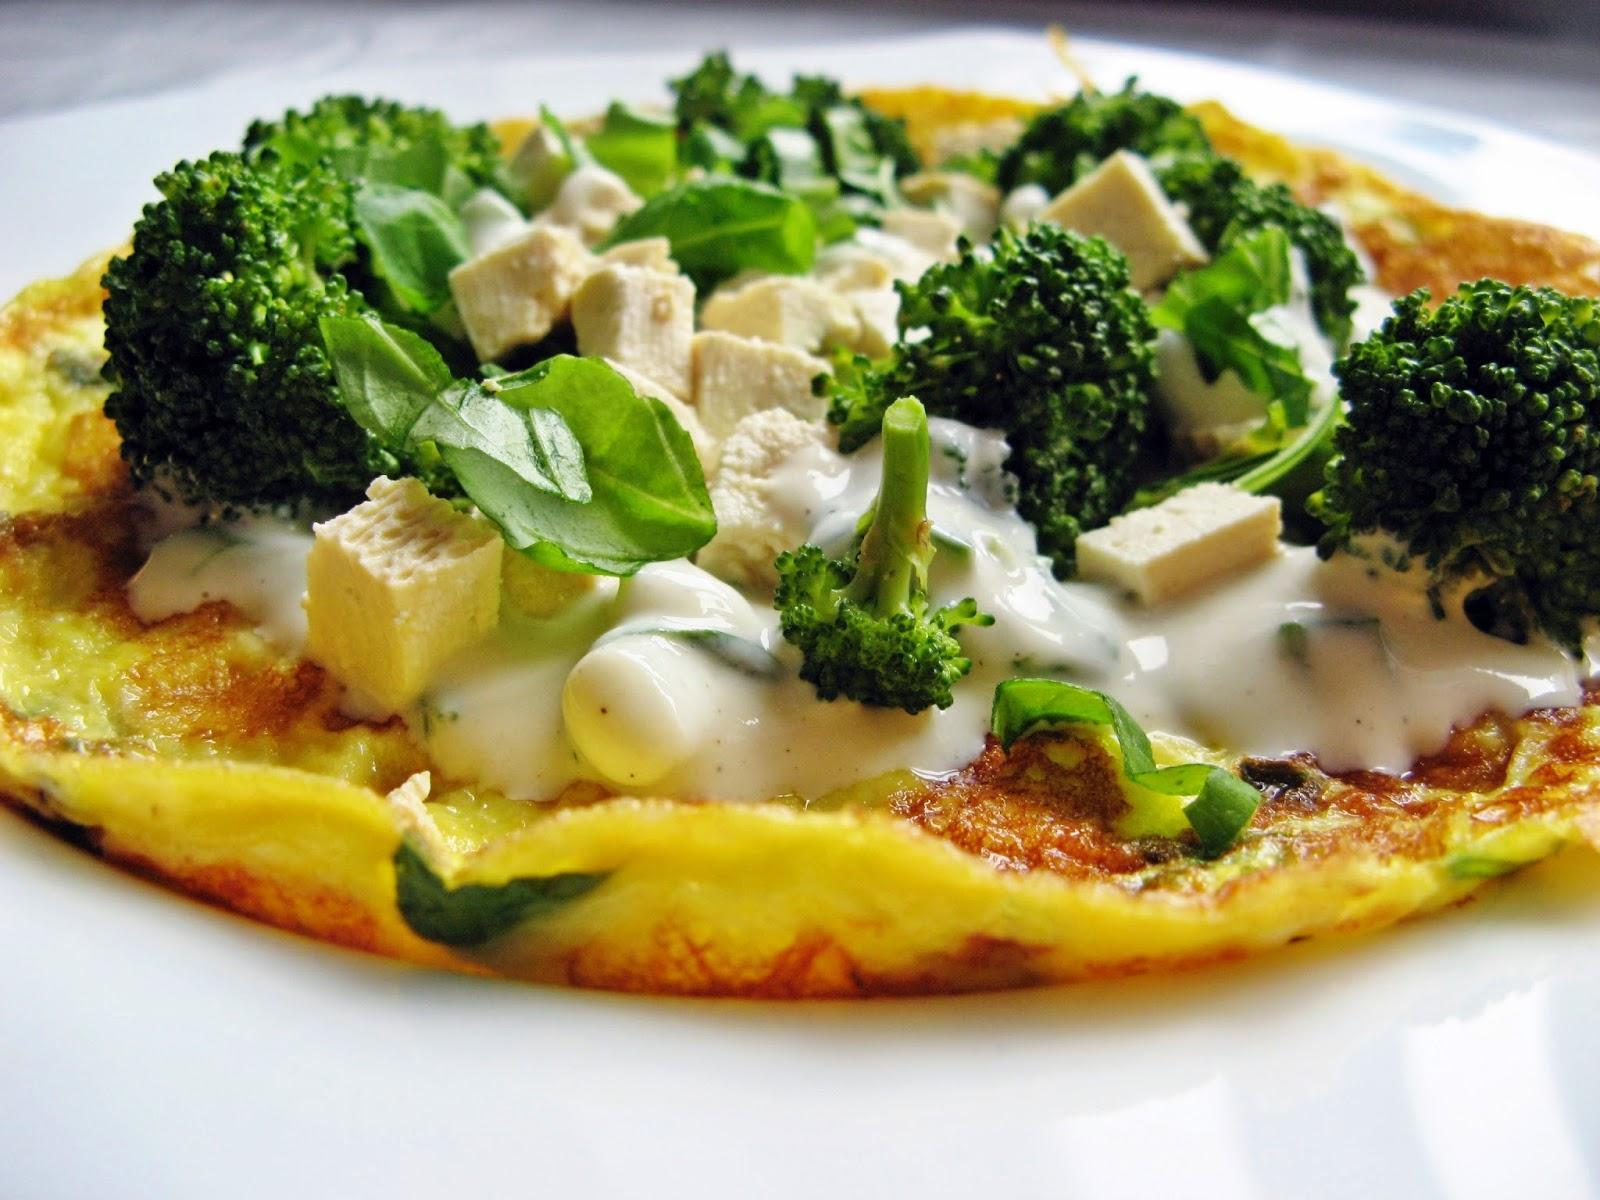 IMG 9776 - Omlet z brokułem i wędzonym tofu